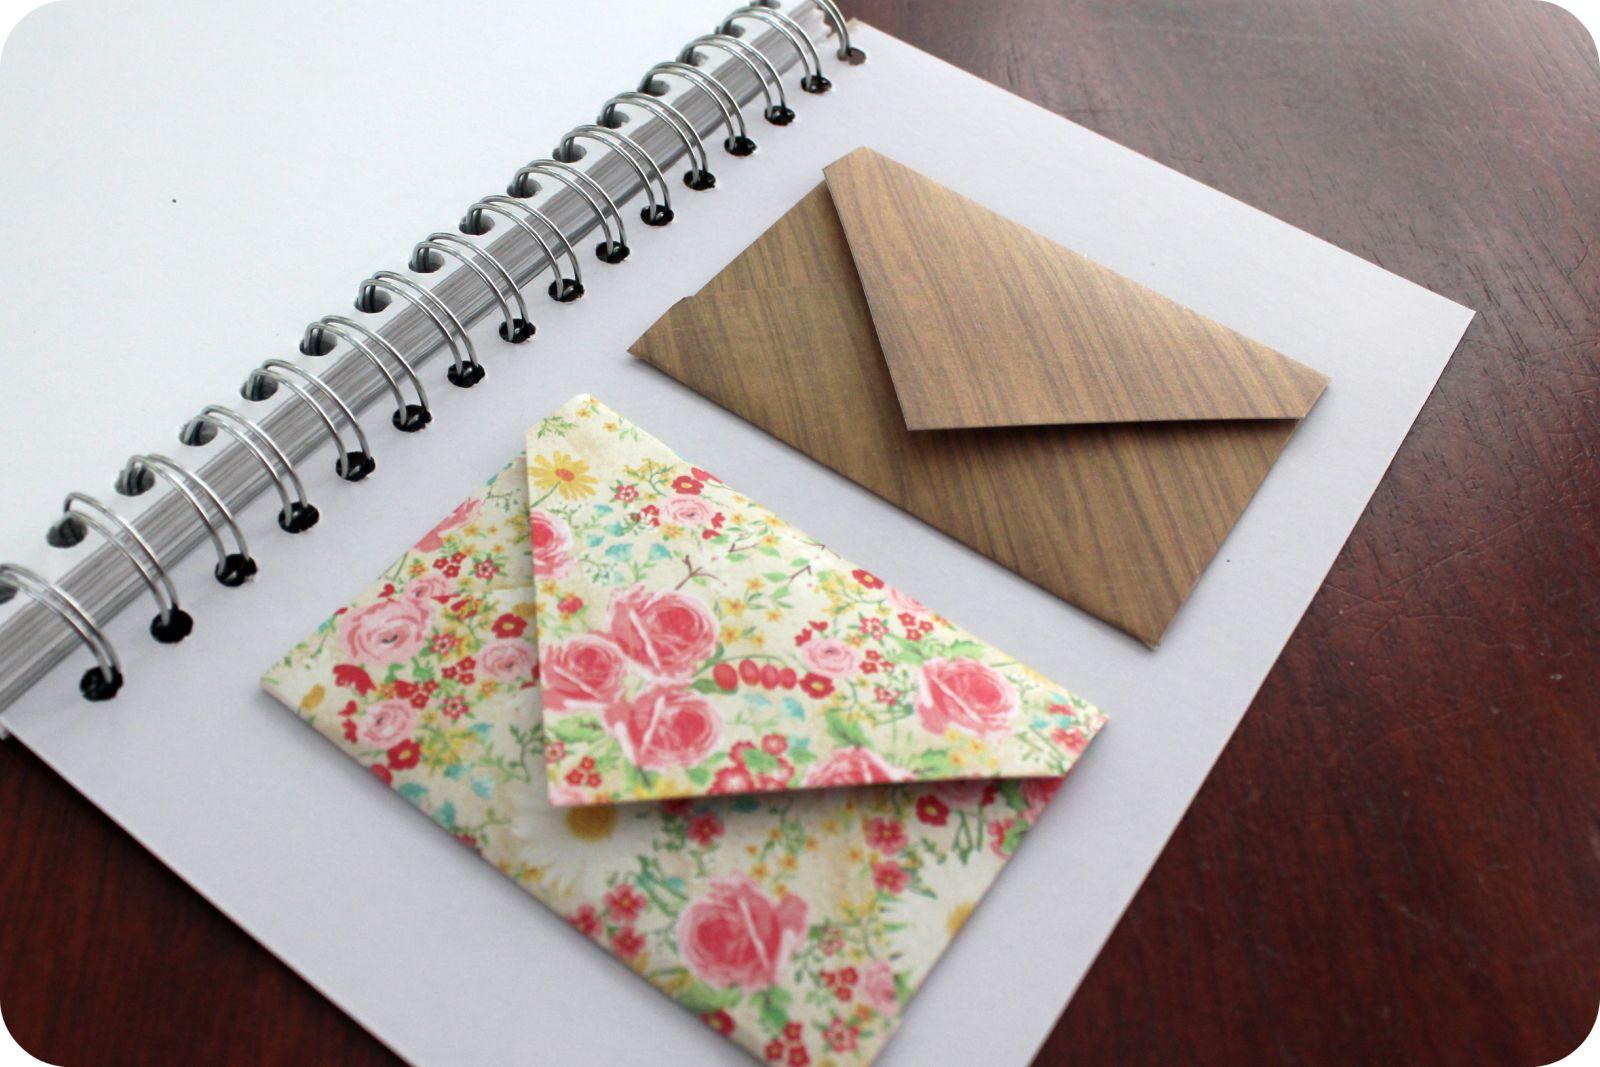 http://2.bp.blogspot.com/-Q8-8yyIyKVw/TiJFlF9yBmI/AAAAAAAAAc4/uRhHGCa8t2s/s1600/envelopes.jpg